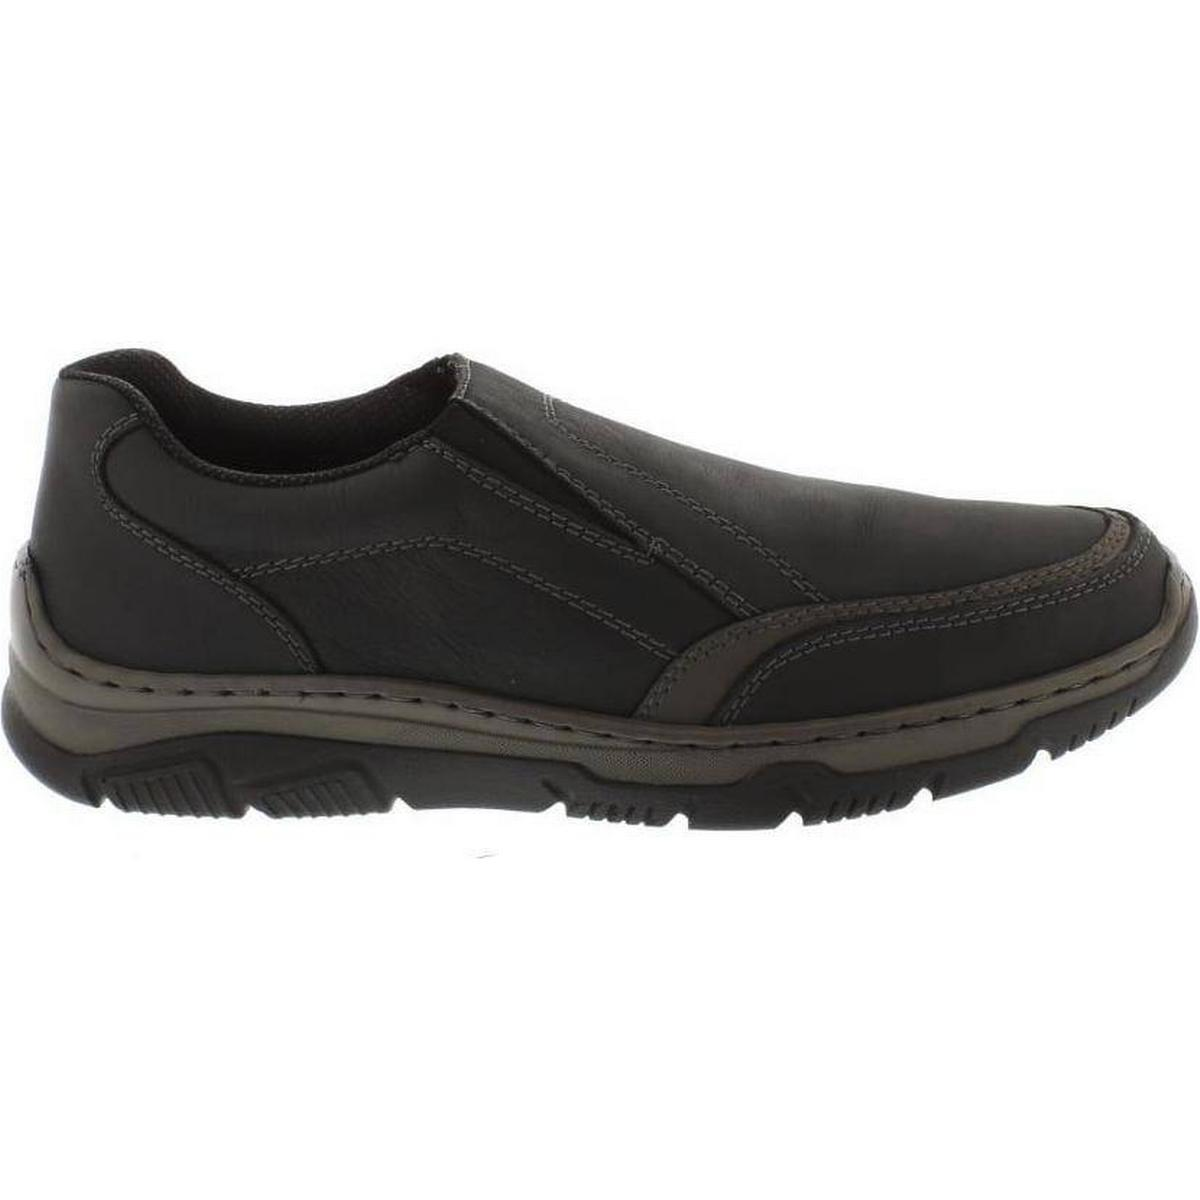 1d05e5da Rieker Loafers - Sammenlign priser hos PriceRunner